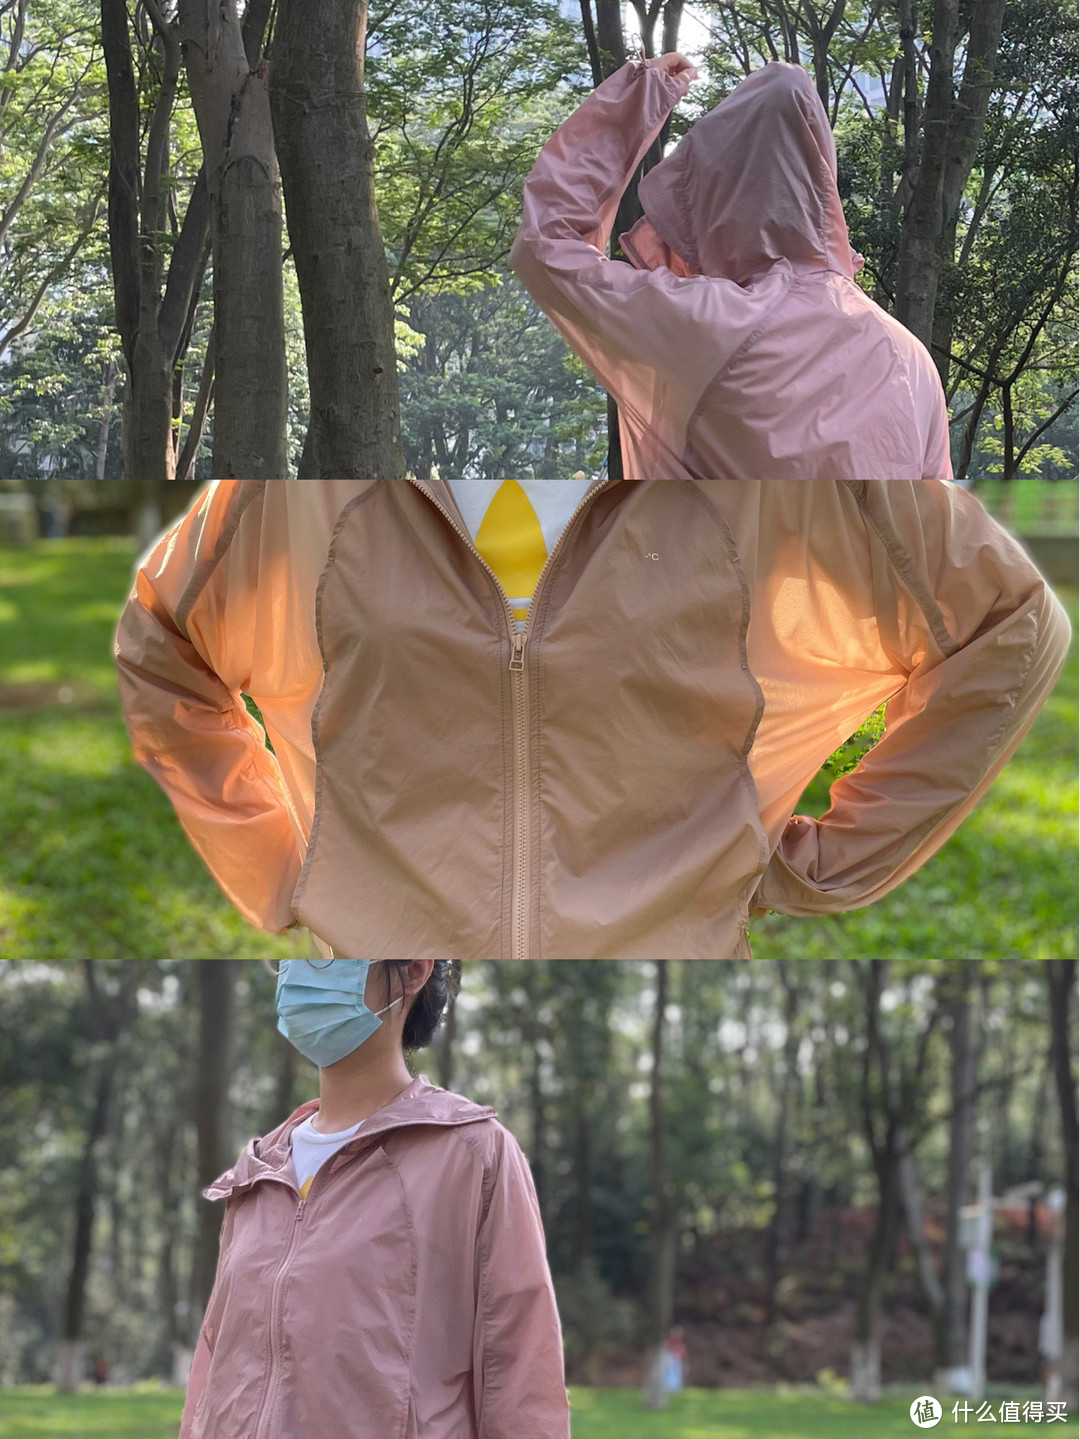 夹克版型,外穿也时尚。